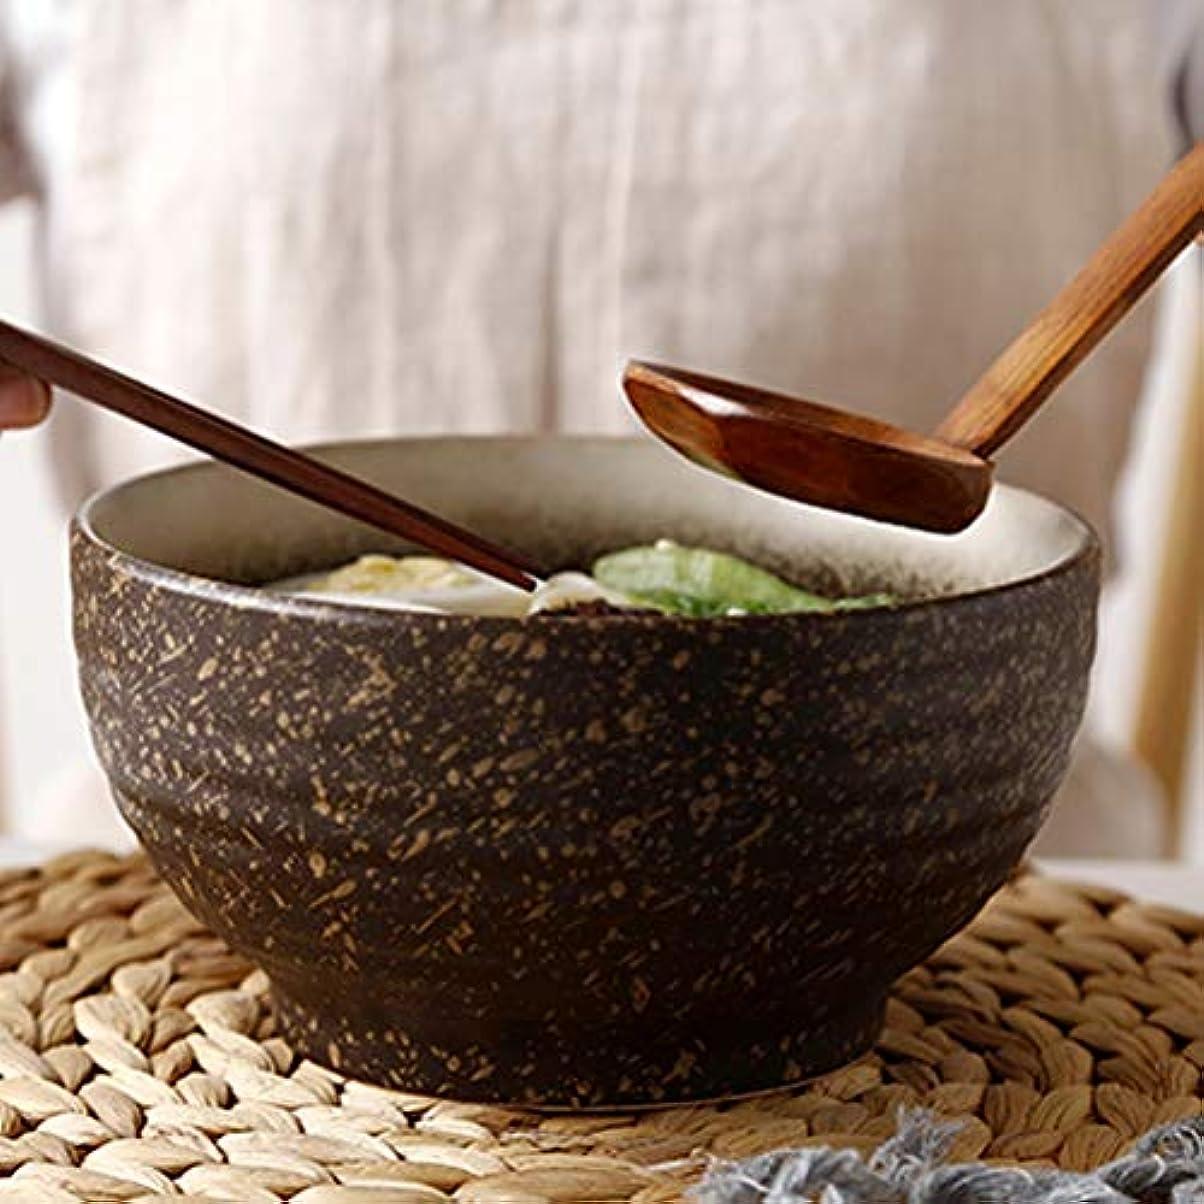 黙認する不名誉時代RL-ボウル レトロ料理セラミック食器家庭用サラダボウルラーメンボウル大スープボウルレストラン麺ボウル (Color : A)